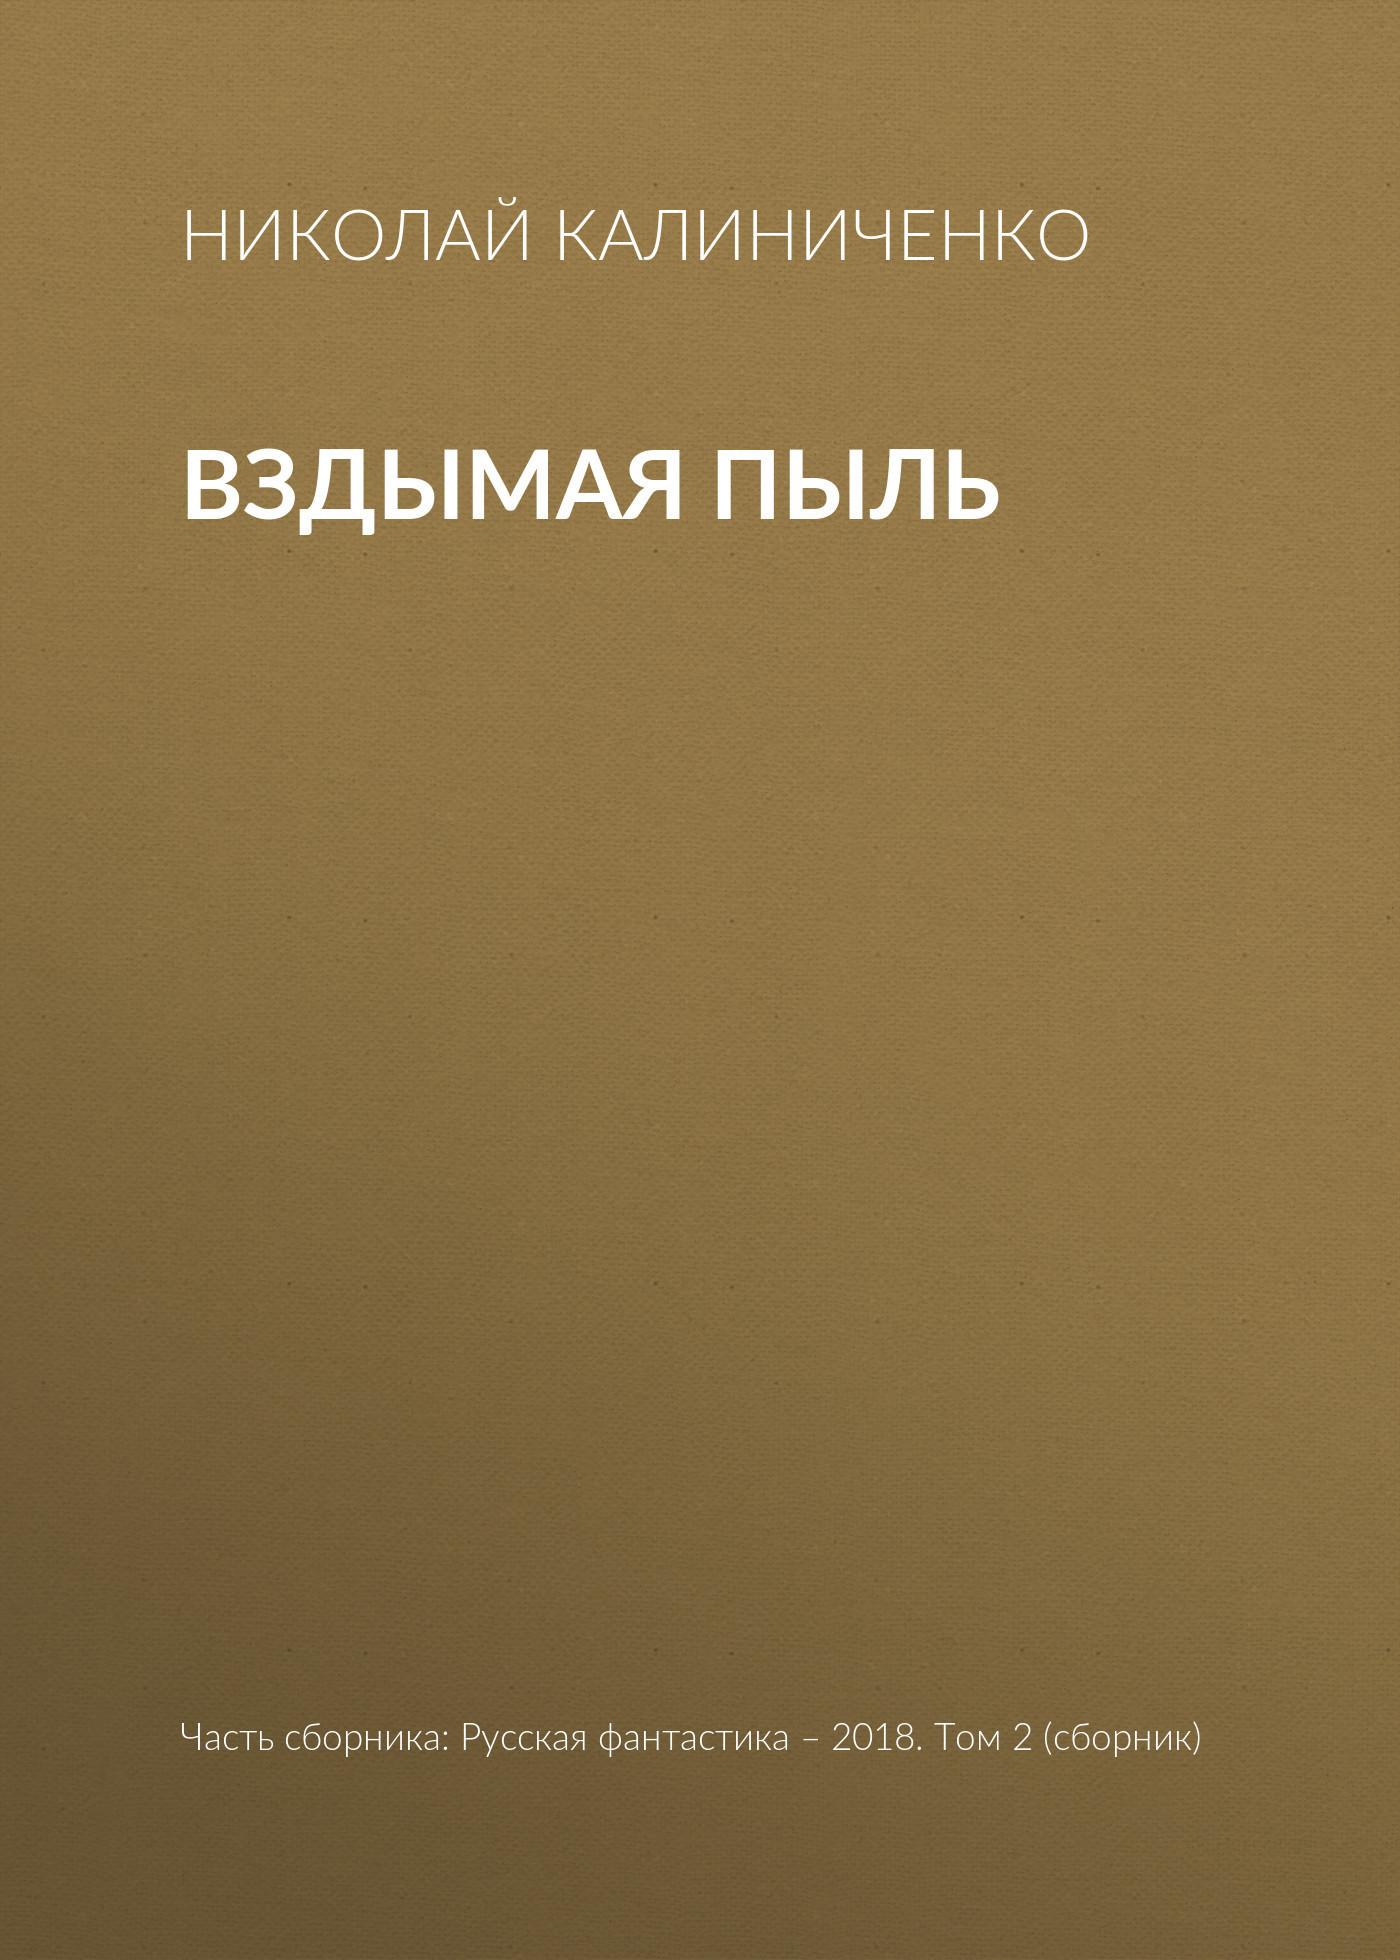 Николай Калиниченко - Вздымая пыль